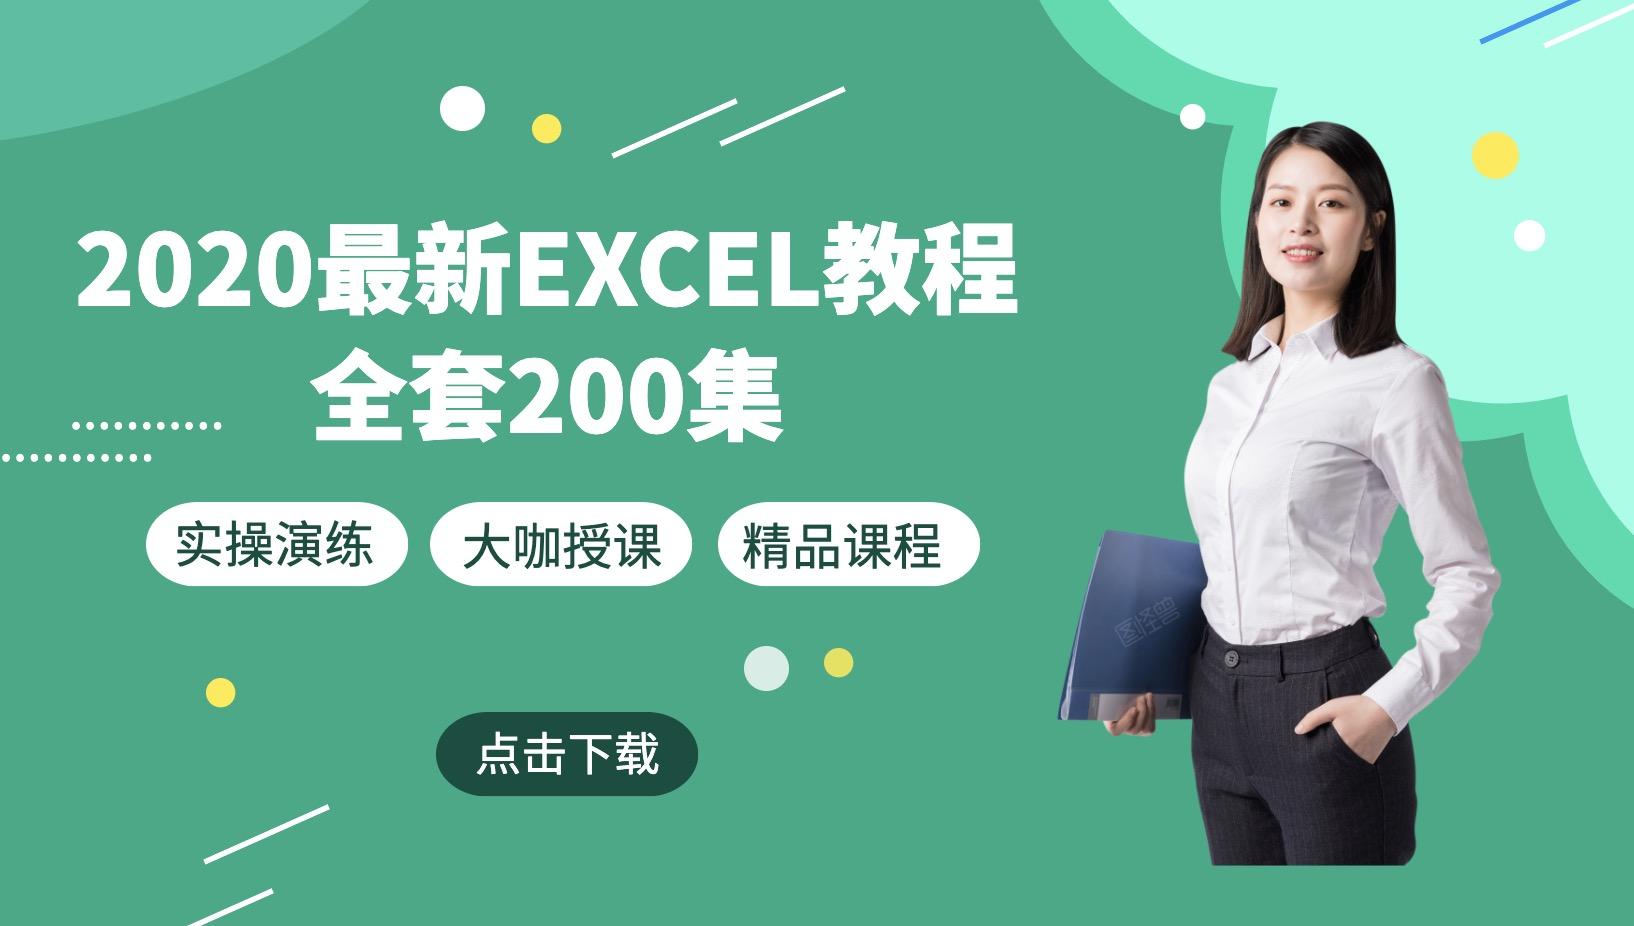 2020最新Excel教程200集百度网盘下载